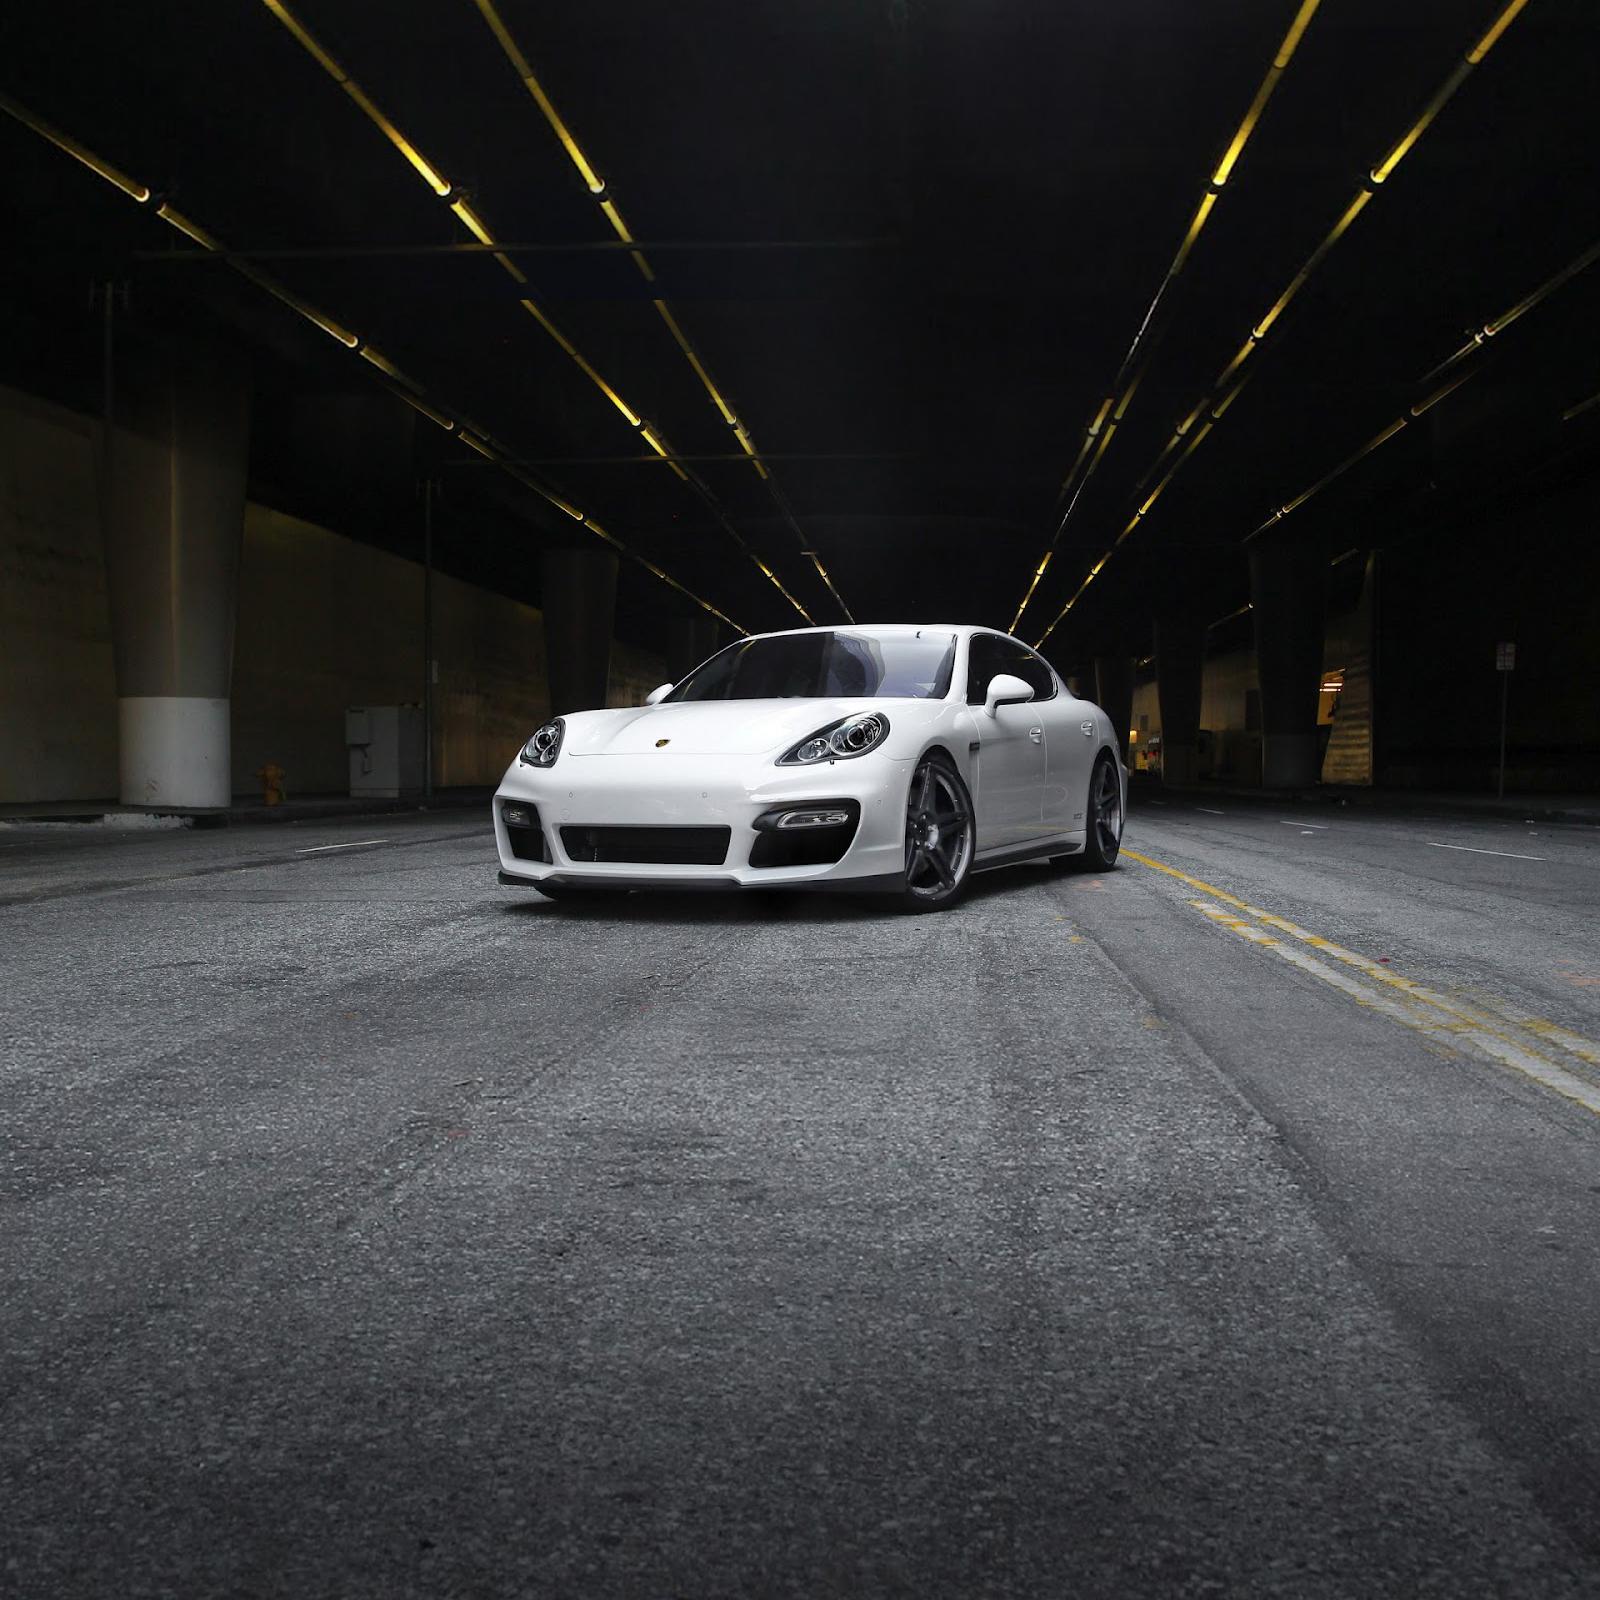 6876358-white-car-wallpaper-hd-copy